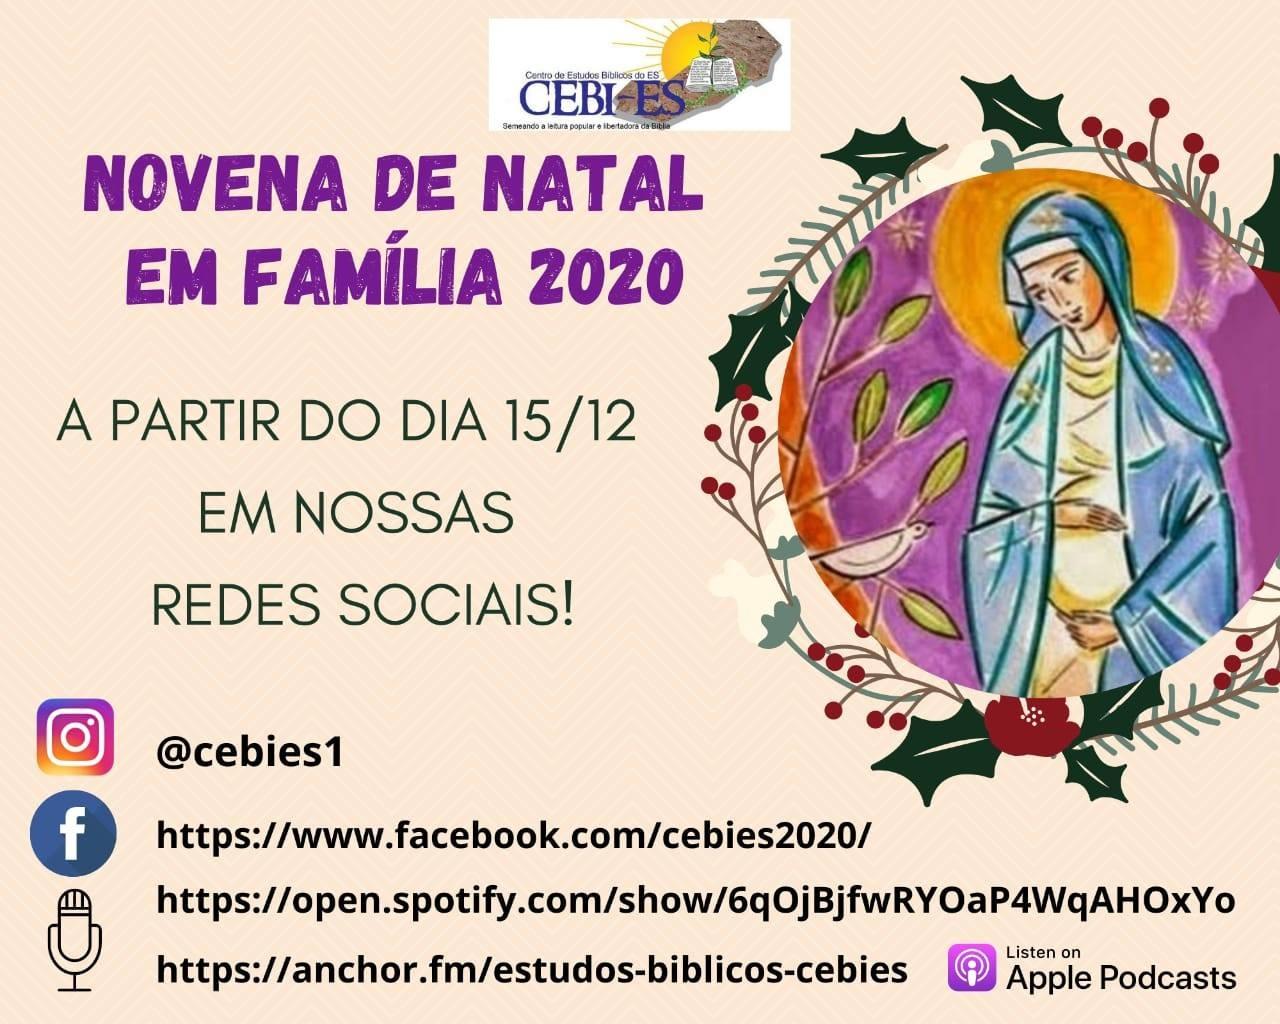 CEBI Espirito Santo – 1º Encontro da Novena de Natal em Família 2020